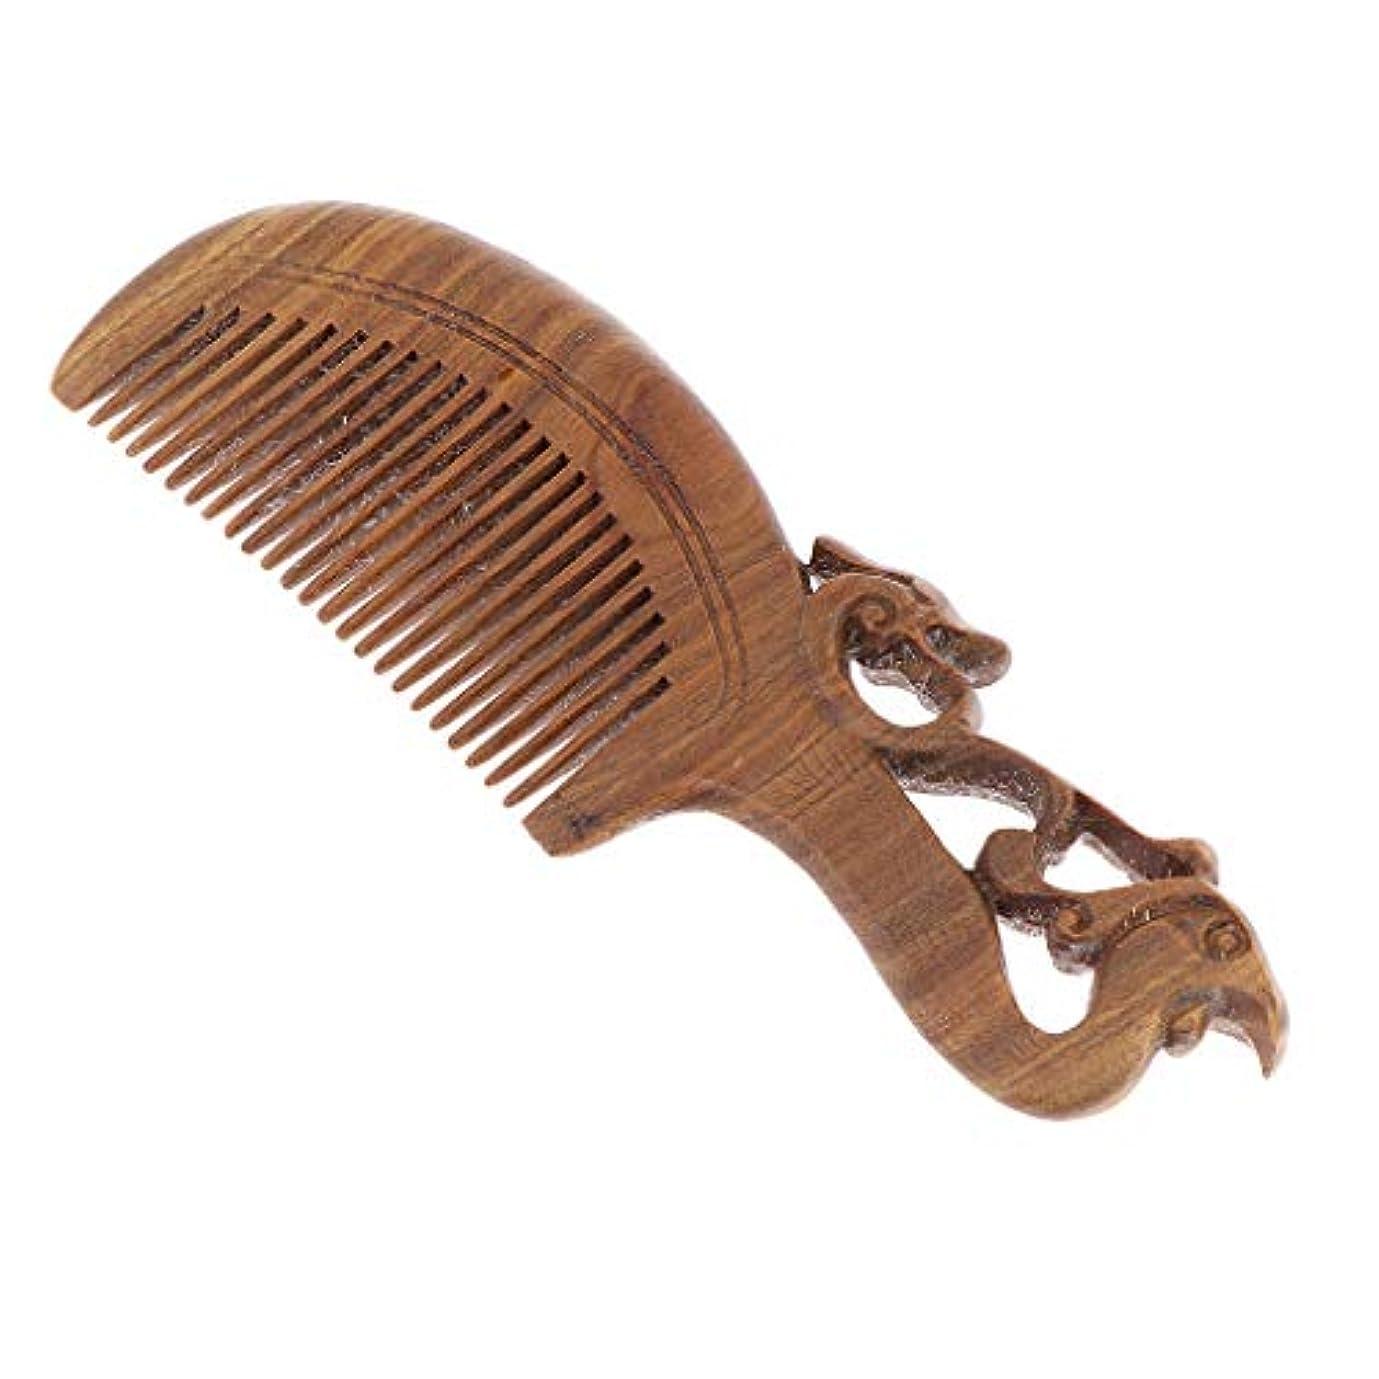 ディーラー征服者仲介者F Fityle ウッドコーム 木製櫛 プレゼント 頭皮マッサージ レトロ 手作り 高品質 4タイプ選べ   - 17 x 5.5 x 1.2 cm